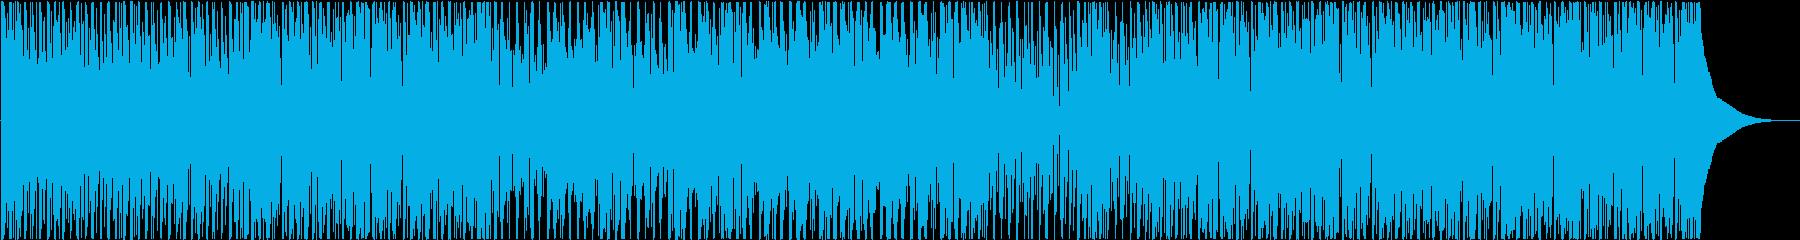 ポジティブ、ハッピー、ウクレレの再生済みの波形